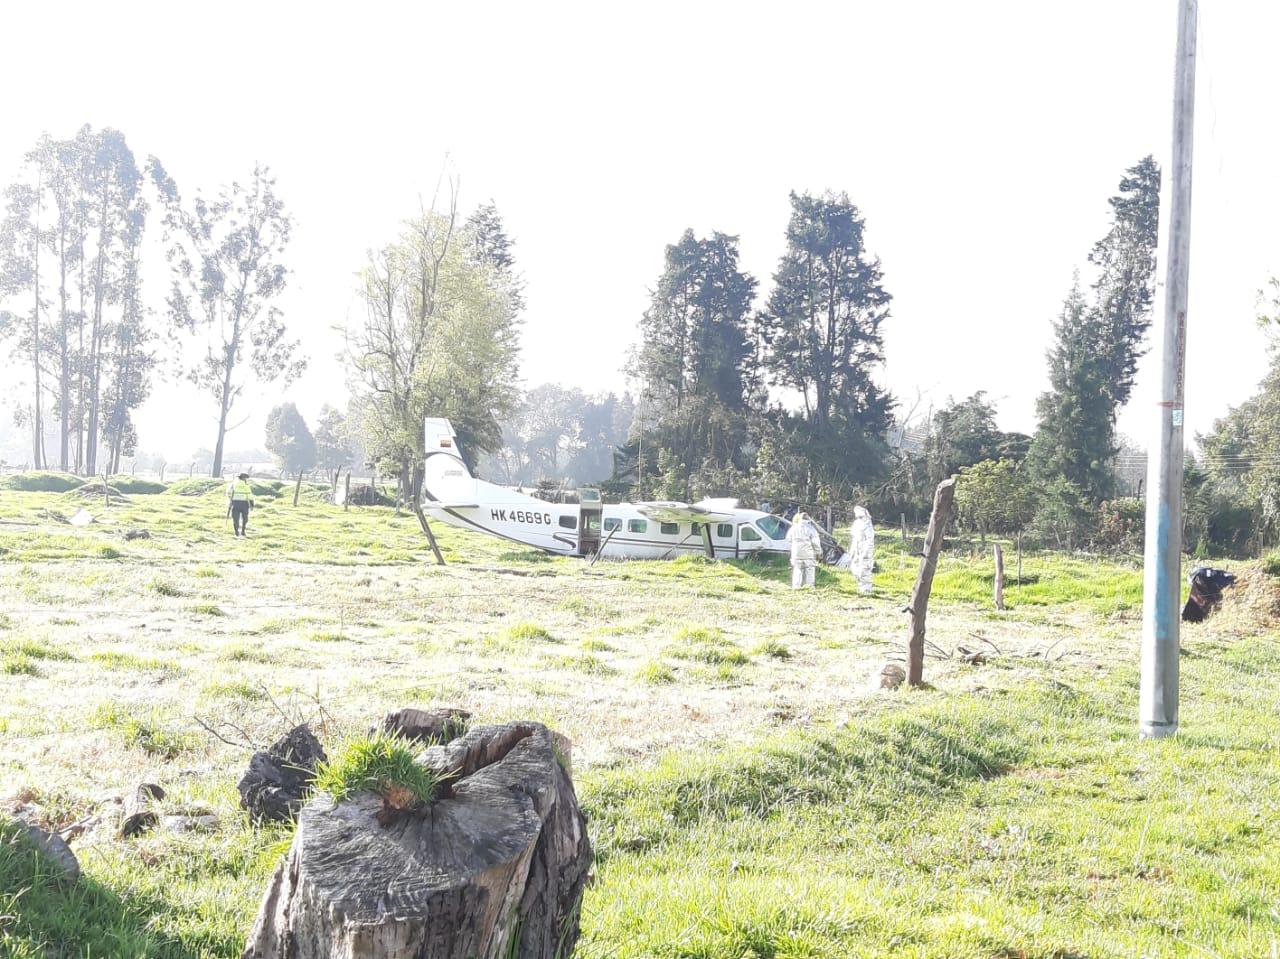 Accidente de avioneta en el norte de Bogotá 4